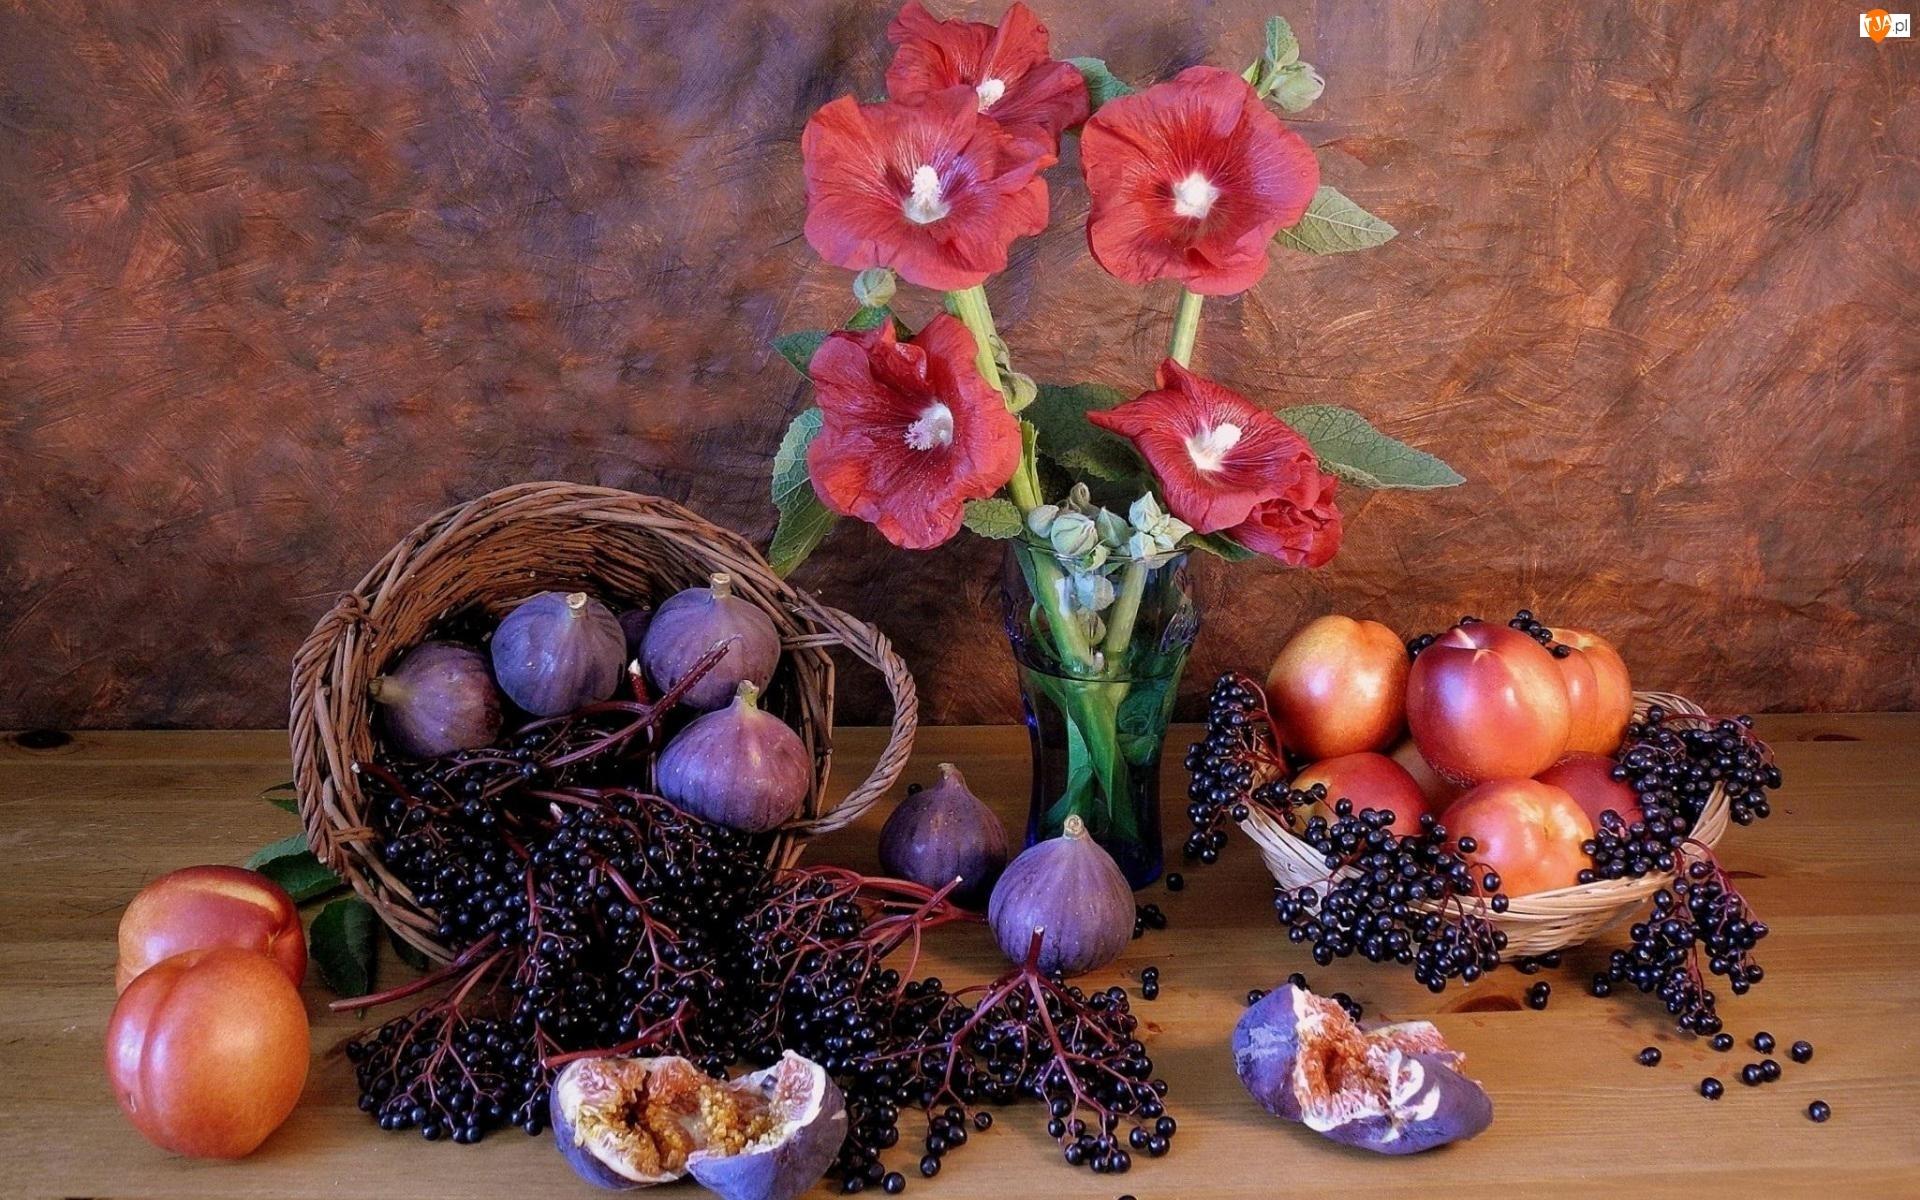 Flakon, Owoce, Kwiaty, Kompozycja, Malwy, Figi